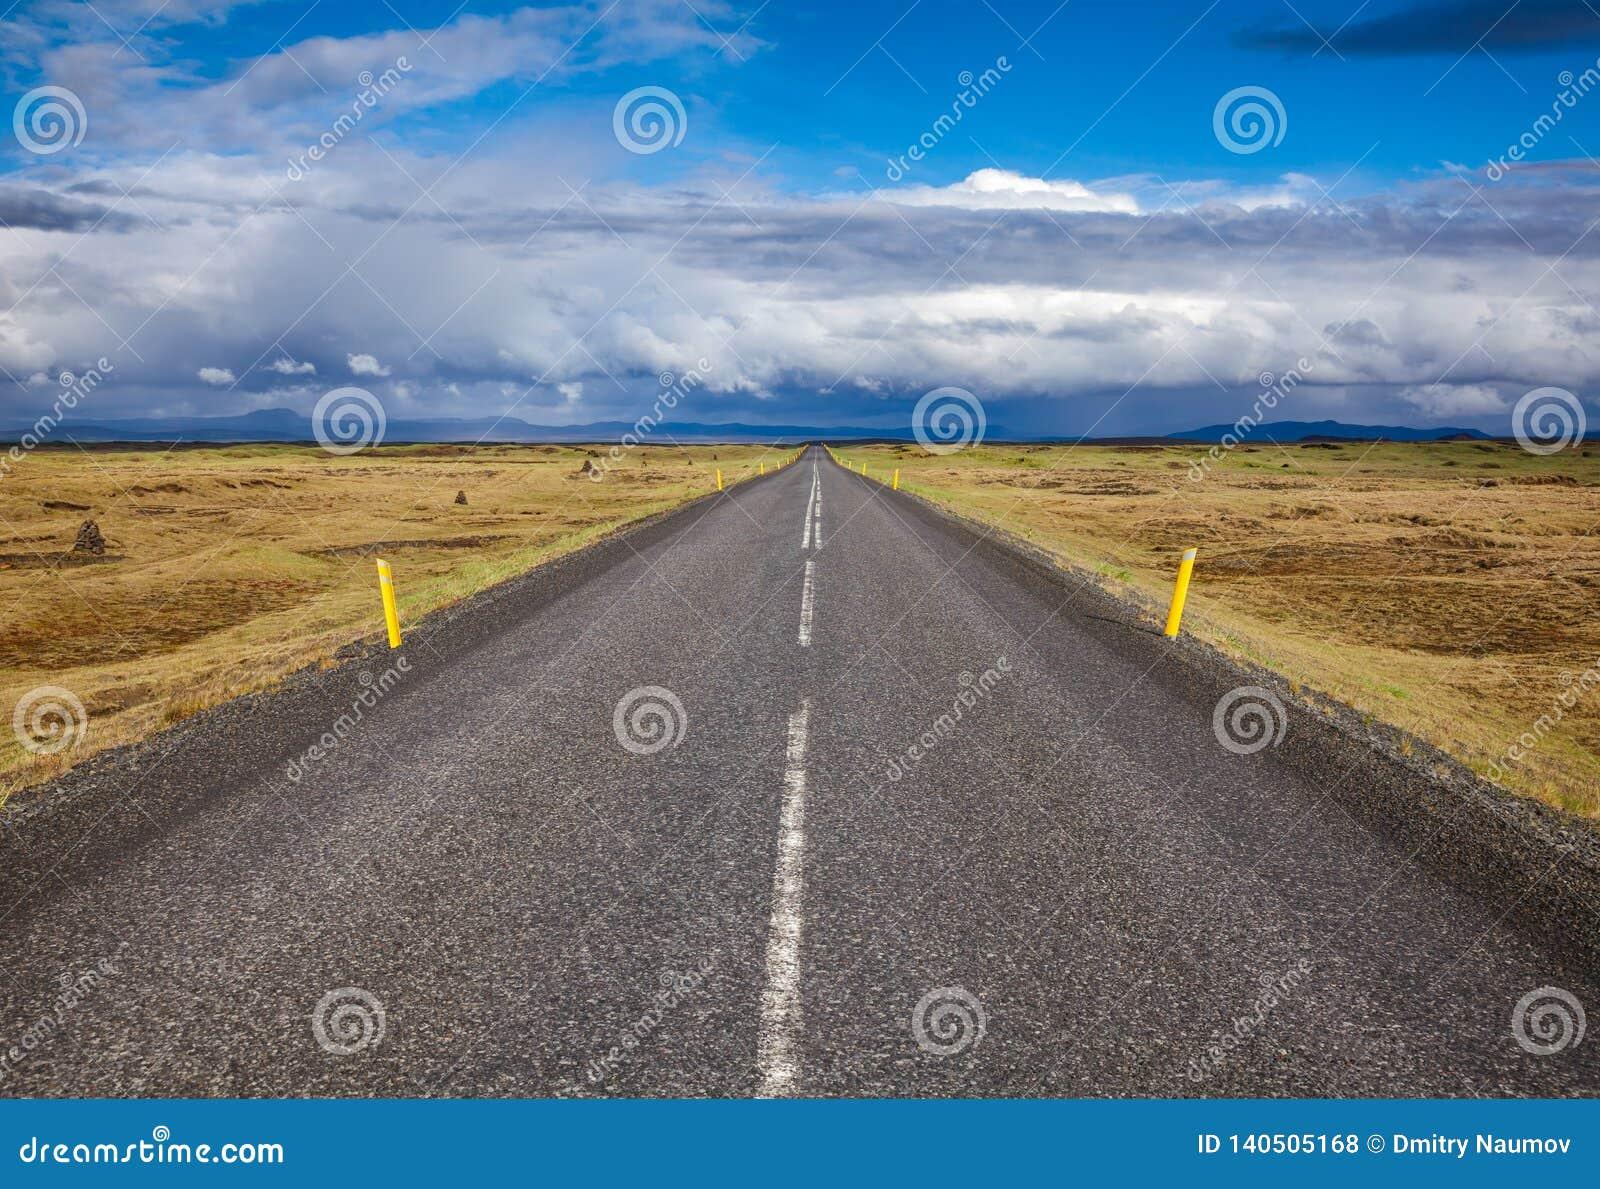 Διαδρομή 1 περιφερειακή οδός βορειοανατολική Ισλανδία Σκανδιναβία